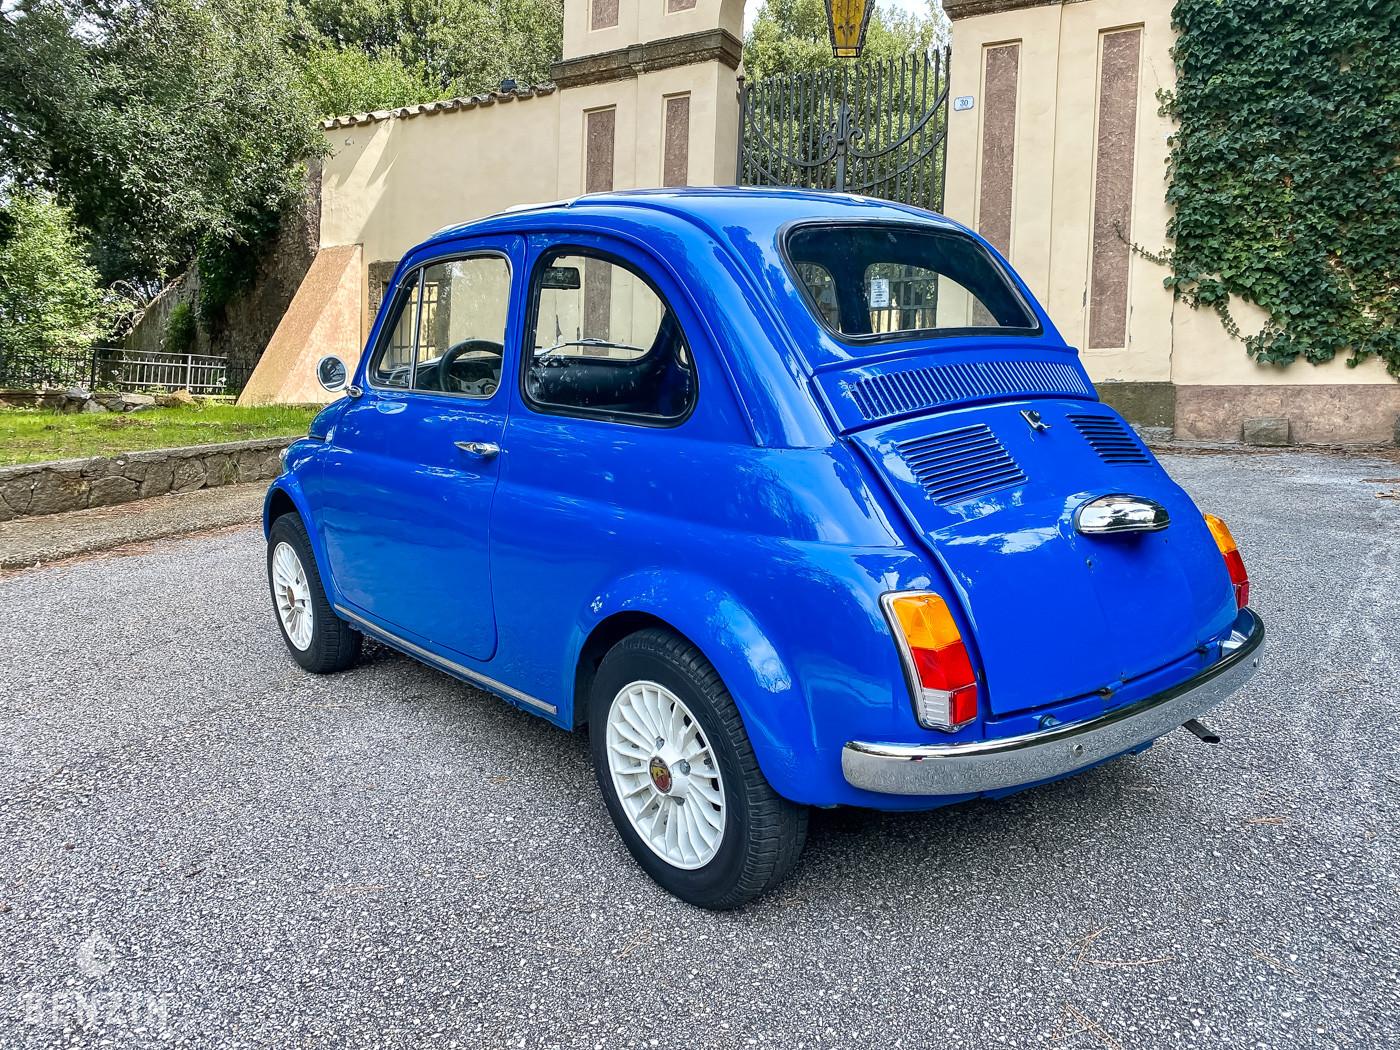 Fiat 500 L 650cc a vendre/ Fiat 500 L 650cc to sell/ Fiat 500 L 650cc verkaufen/ Fiat 500 L 650cc en venta